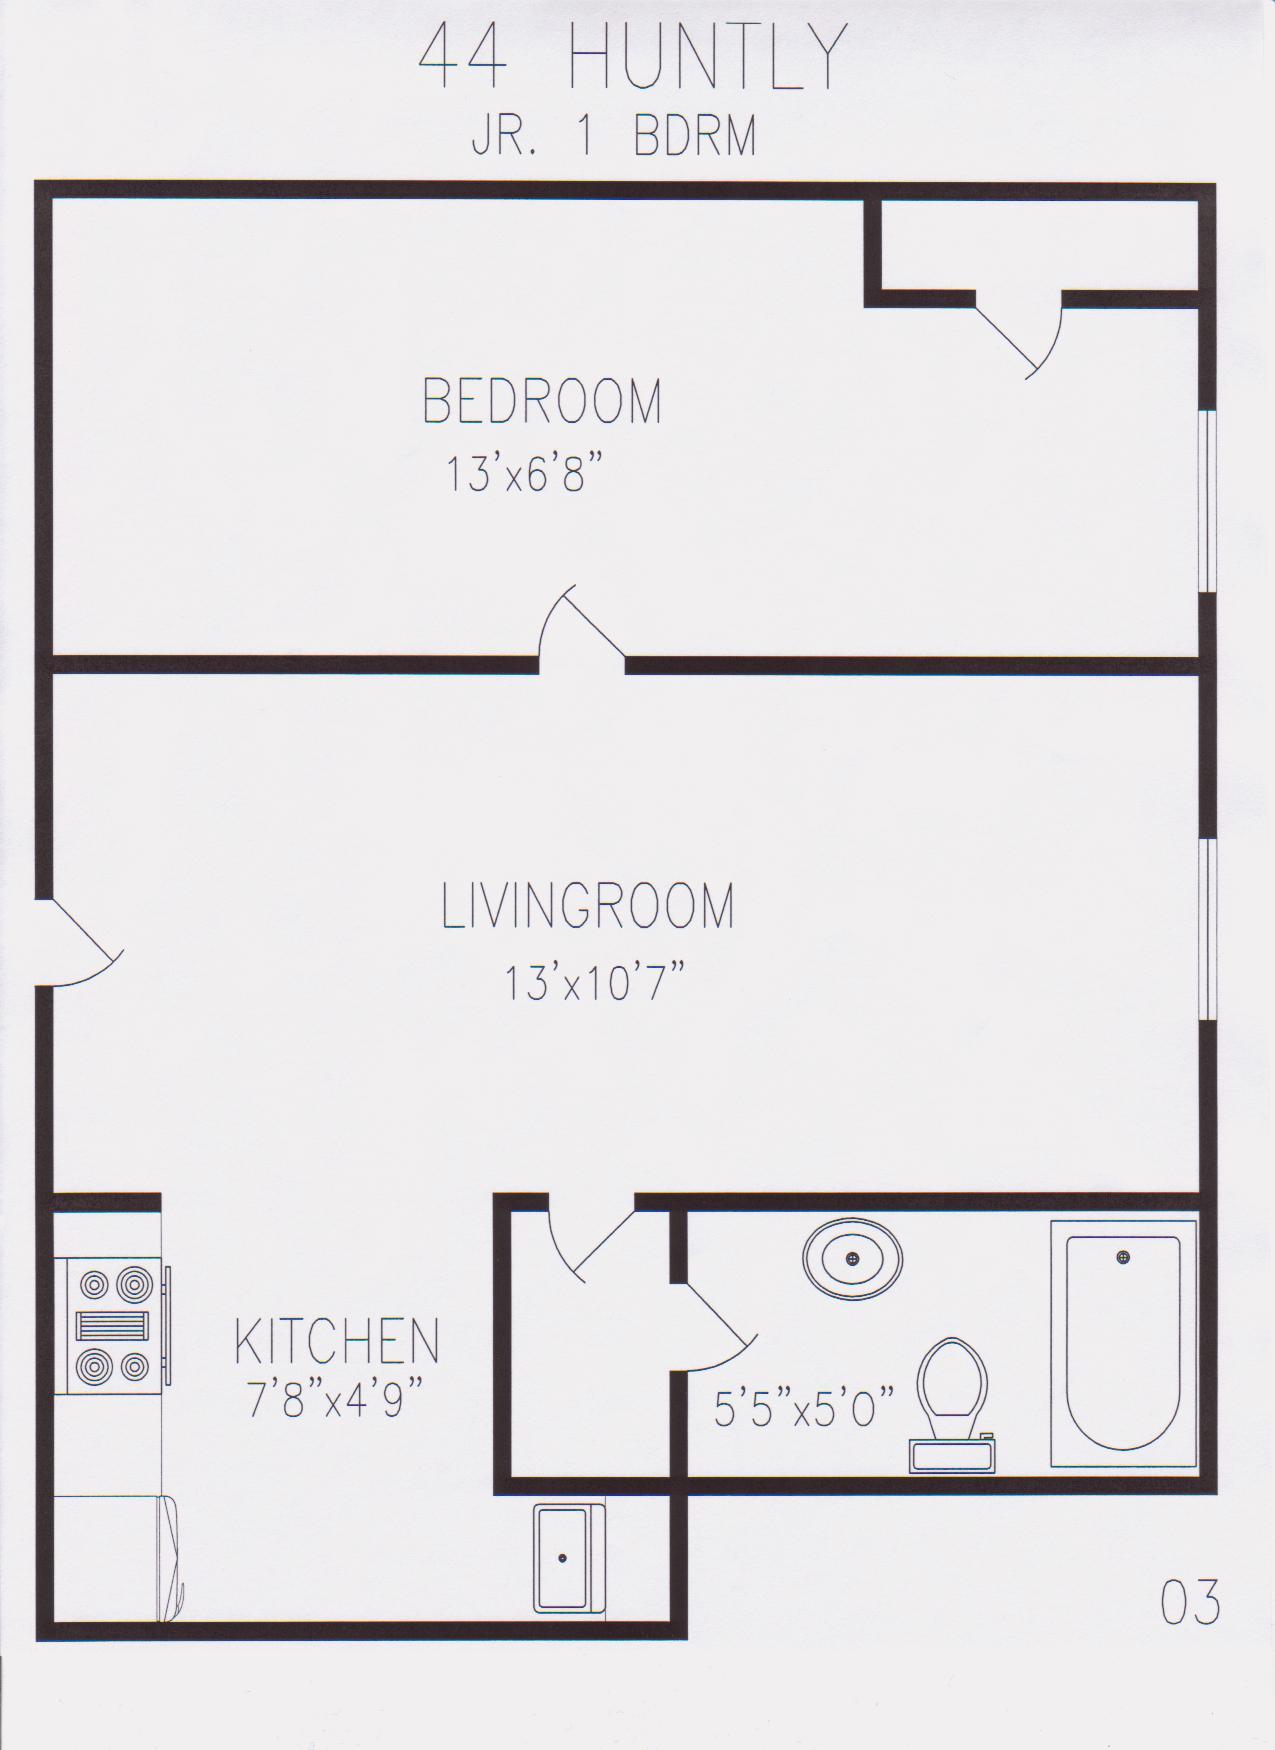 Studio Apartment furthermore Studio Apartment Floor Plans additionally Ikea Studio Apartment Floor Plans in addition 450 Foot House Plans together with 2. on 350 square feet studio apartment floor plans